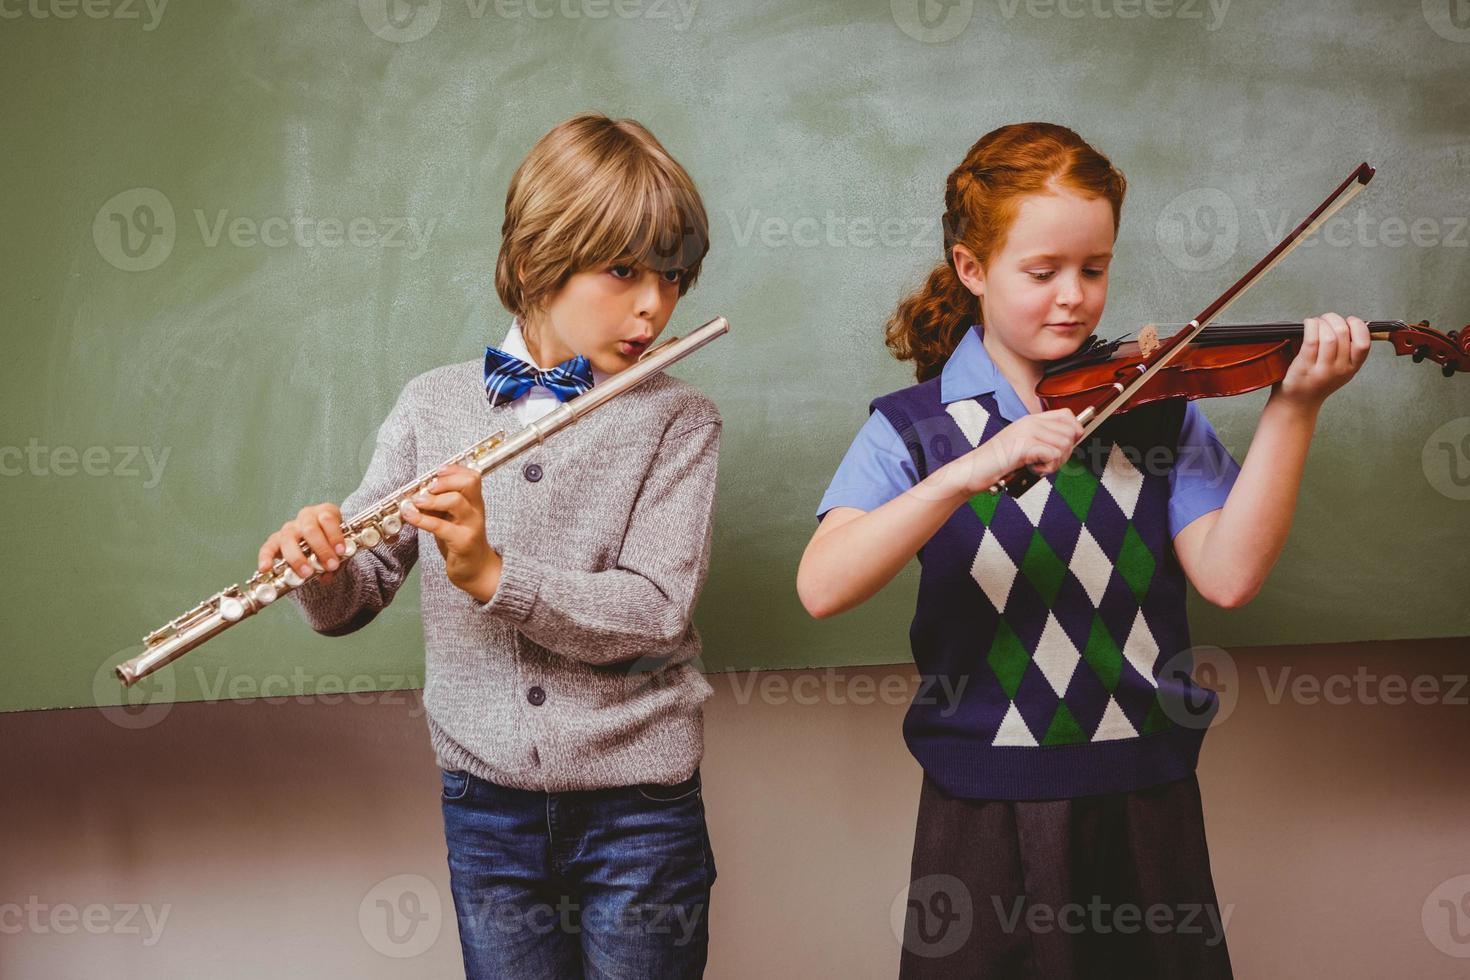 studenti che suonano il flauto e il violino in classe foto